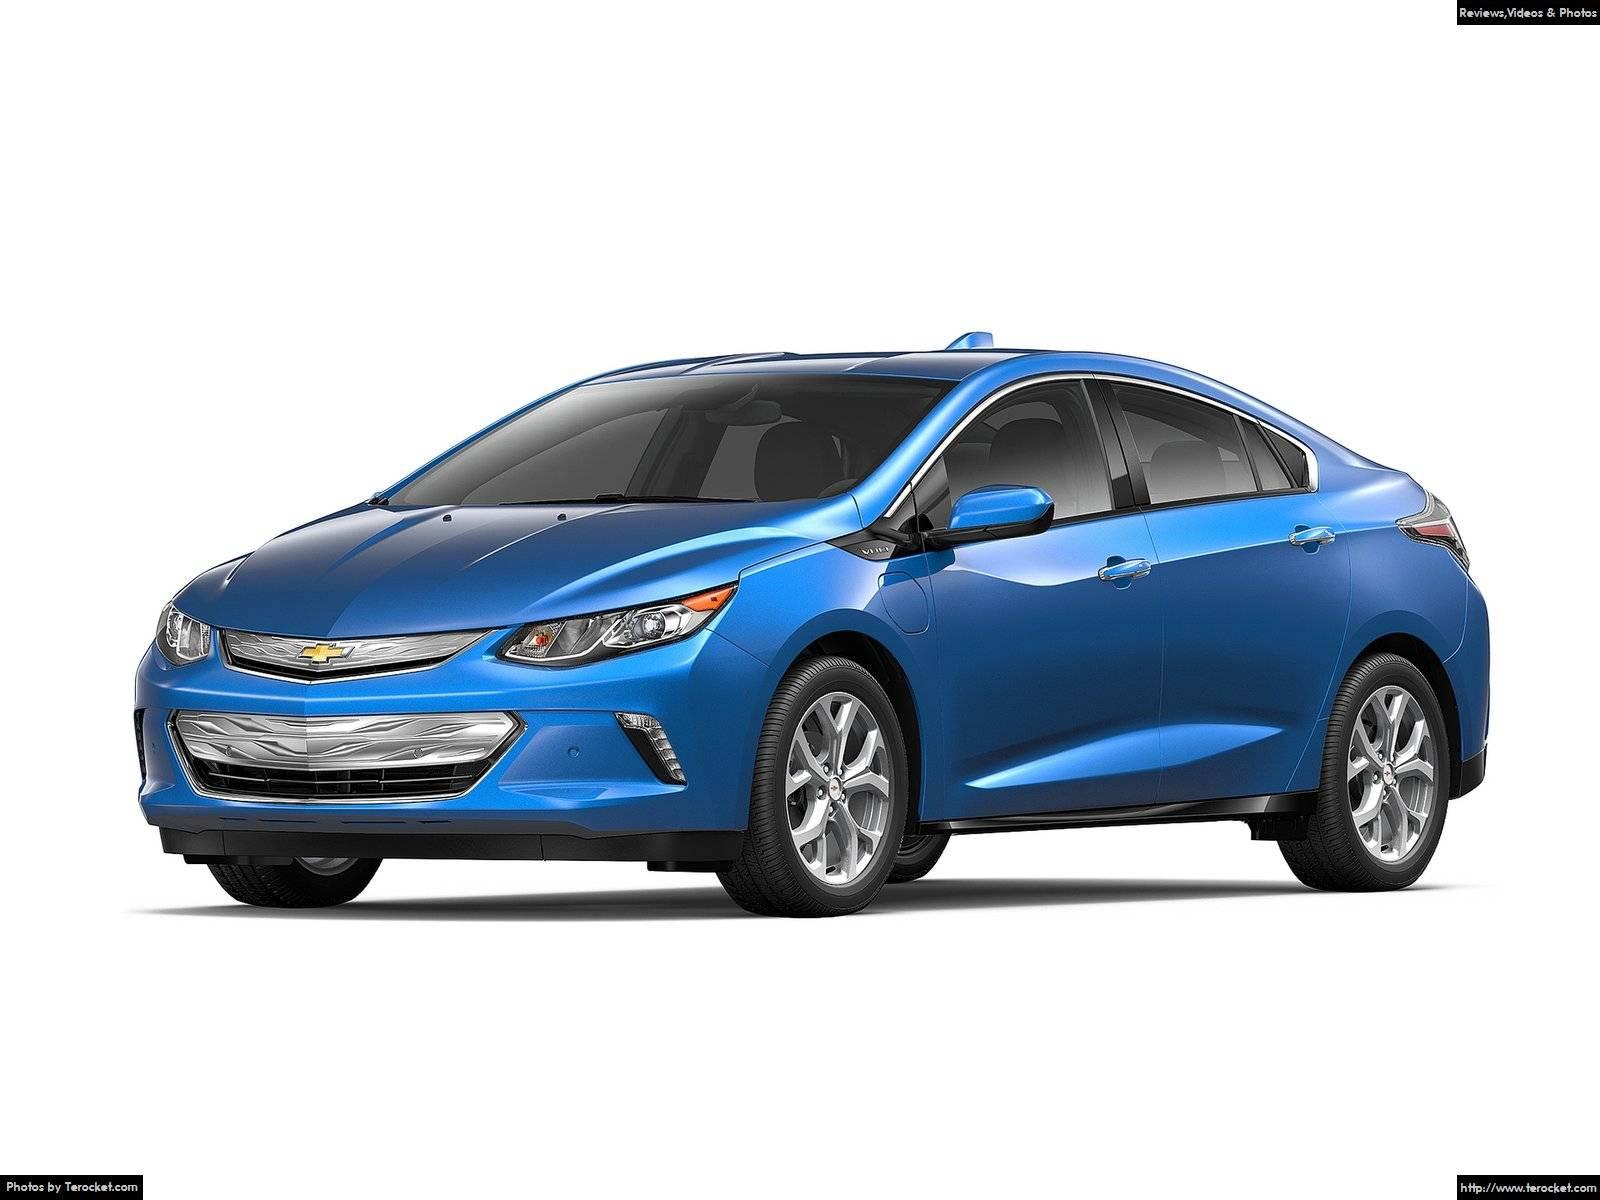 Hình ảnh xe ô tô Chevrolet Volt 2016 & nội ngoại thất